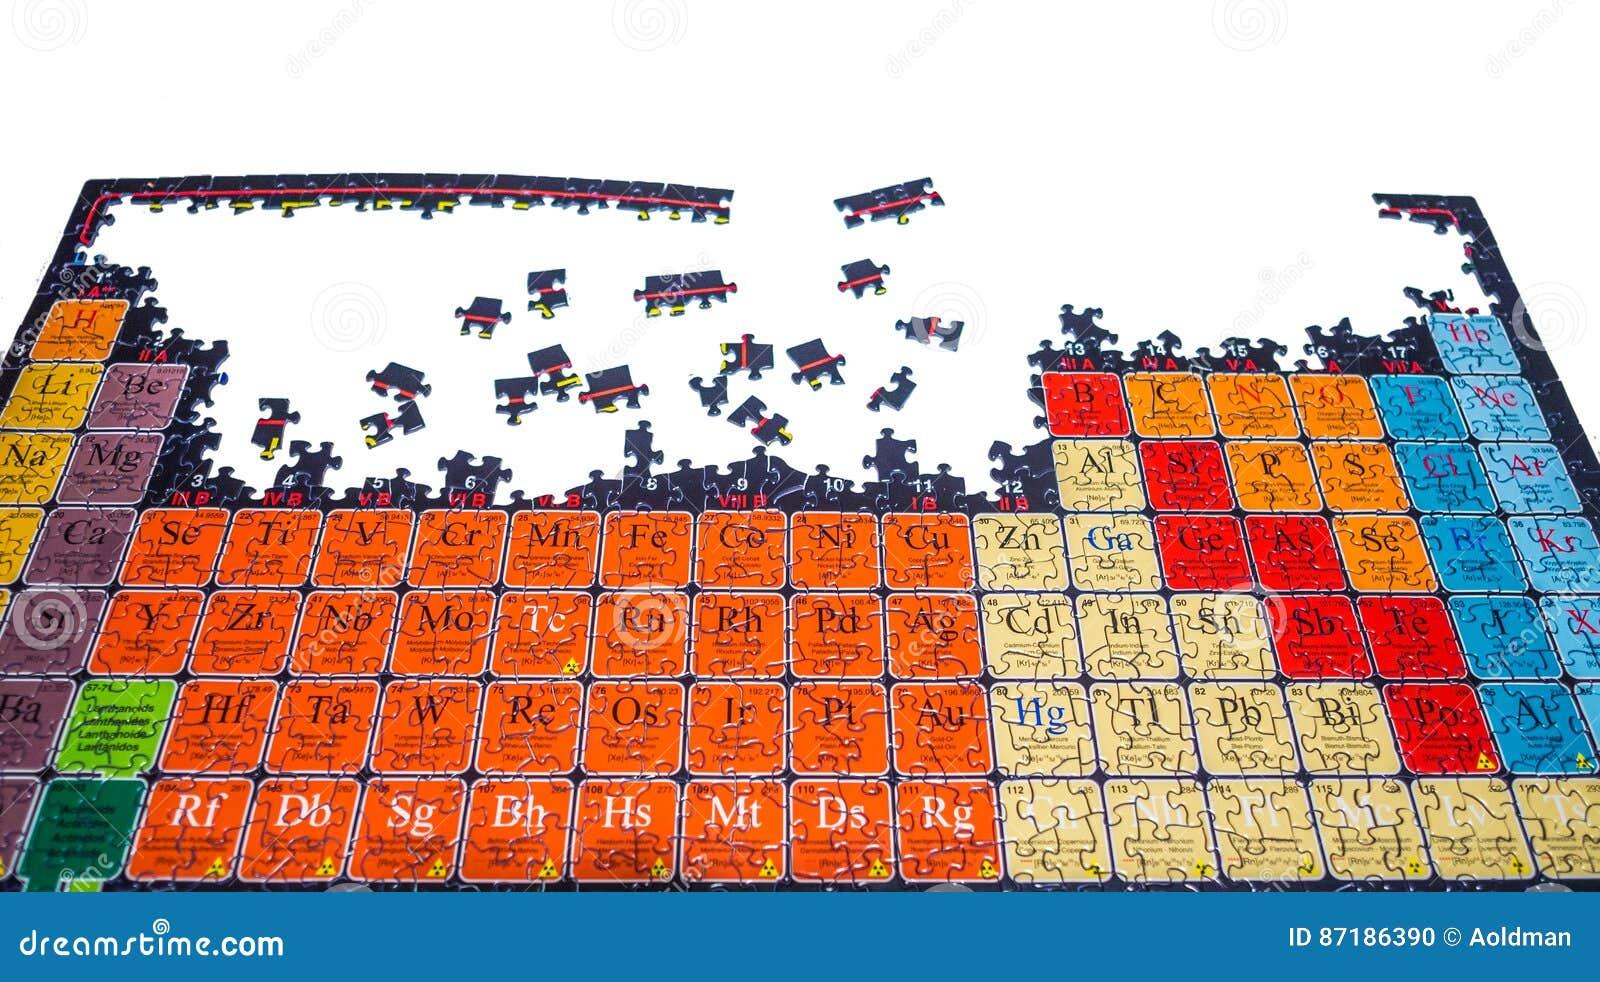 Rompecabezas sin resolver de la tabla peridica qumica stock de download rompecabezas sin resolver de la tabla peridica qumica stock de ilustracin ilustracin de mendeleev urtaz Gallery